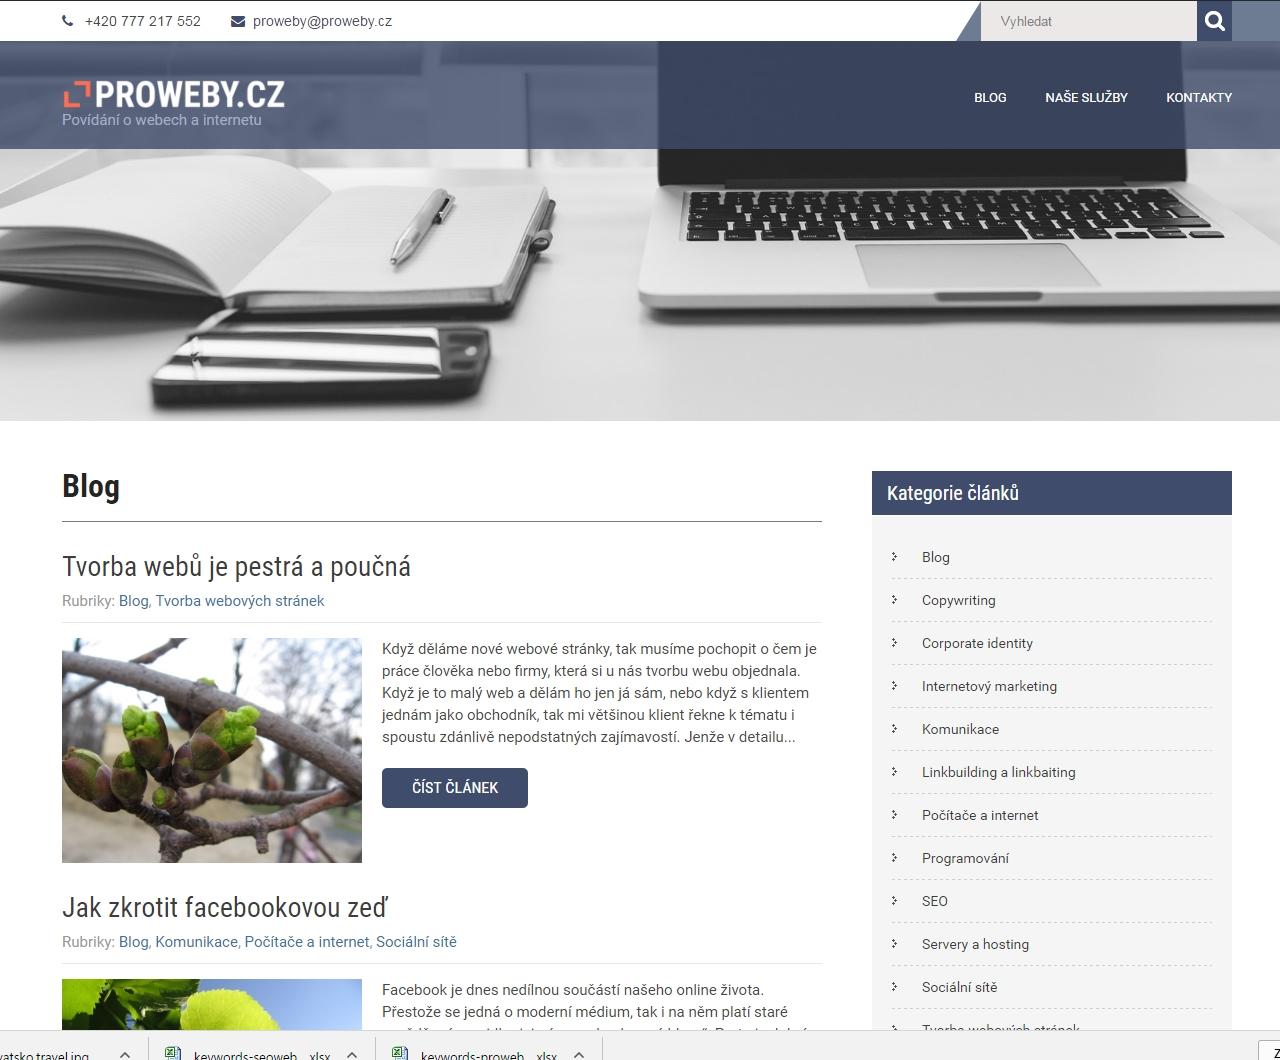 Blognet.cz